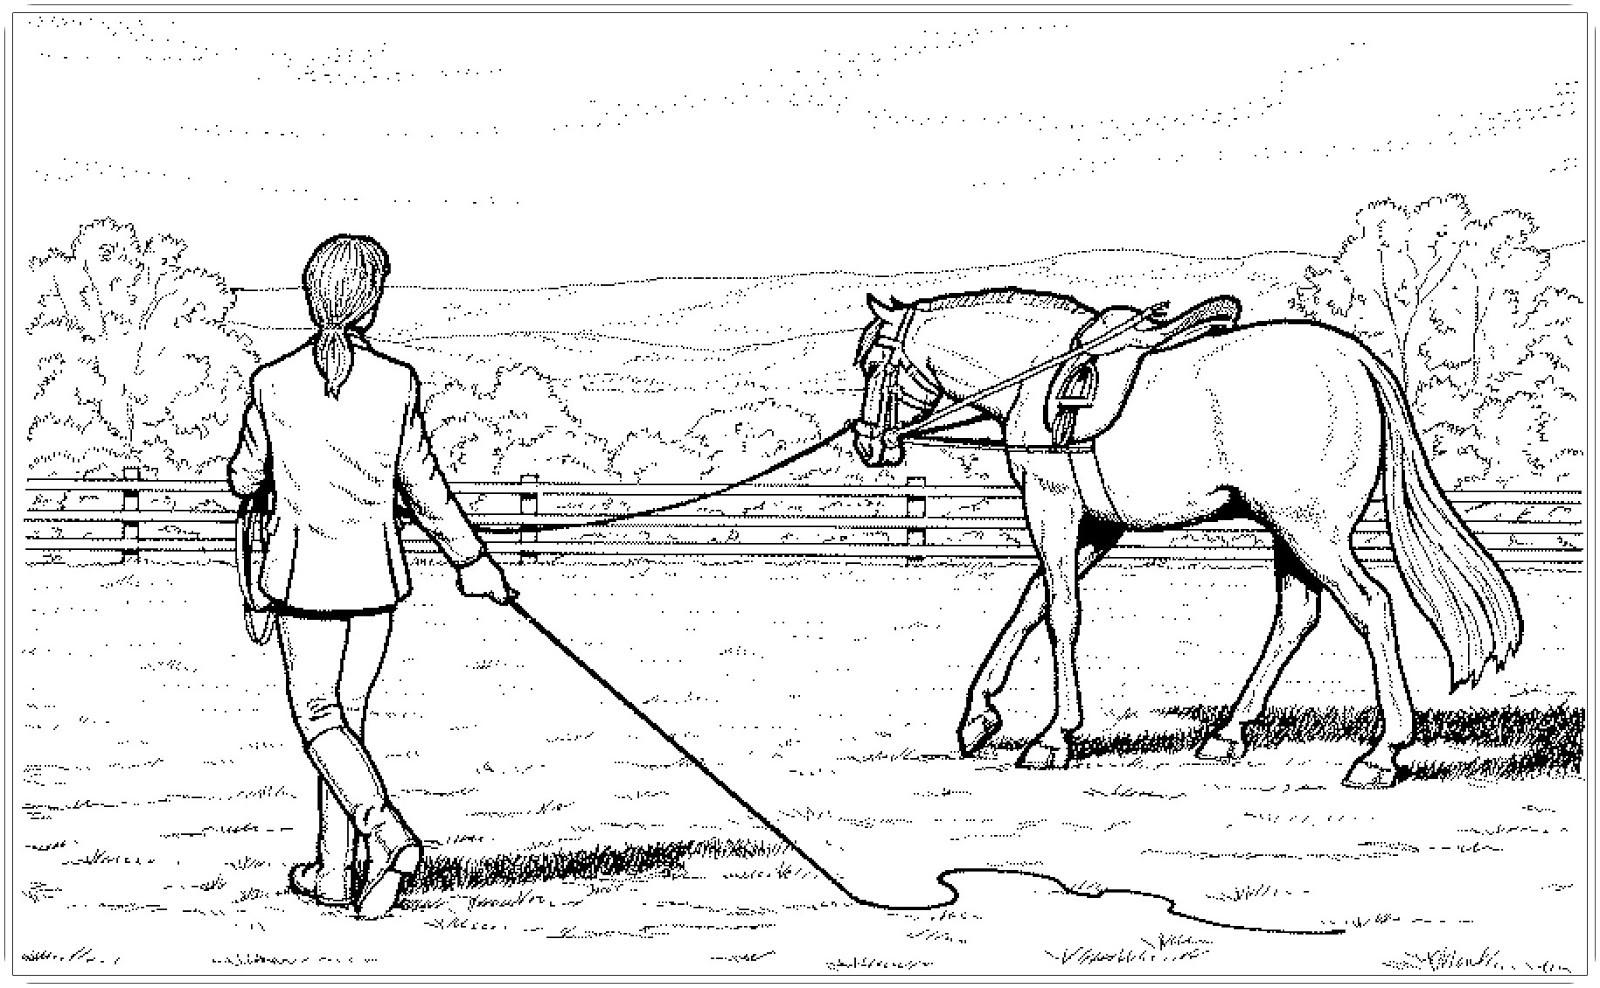 Die Besten Ideen Für Pferde Ausmalbilder Dressur - Beste ...